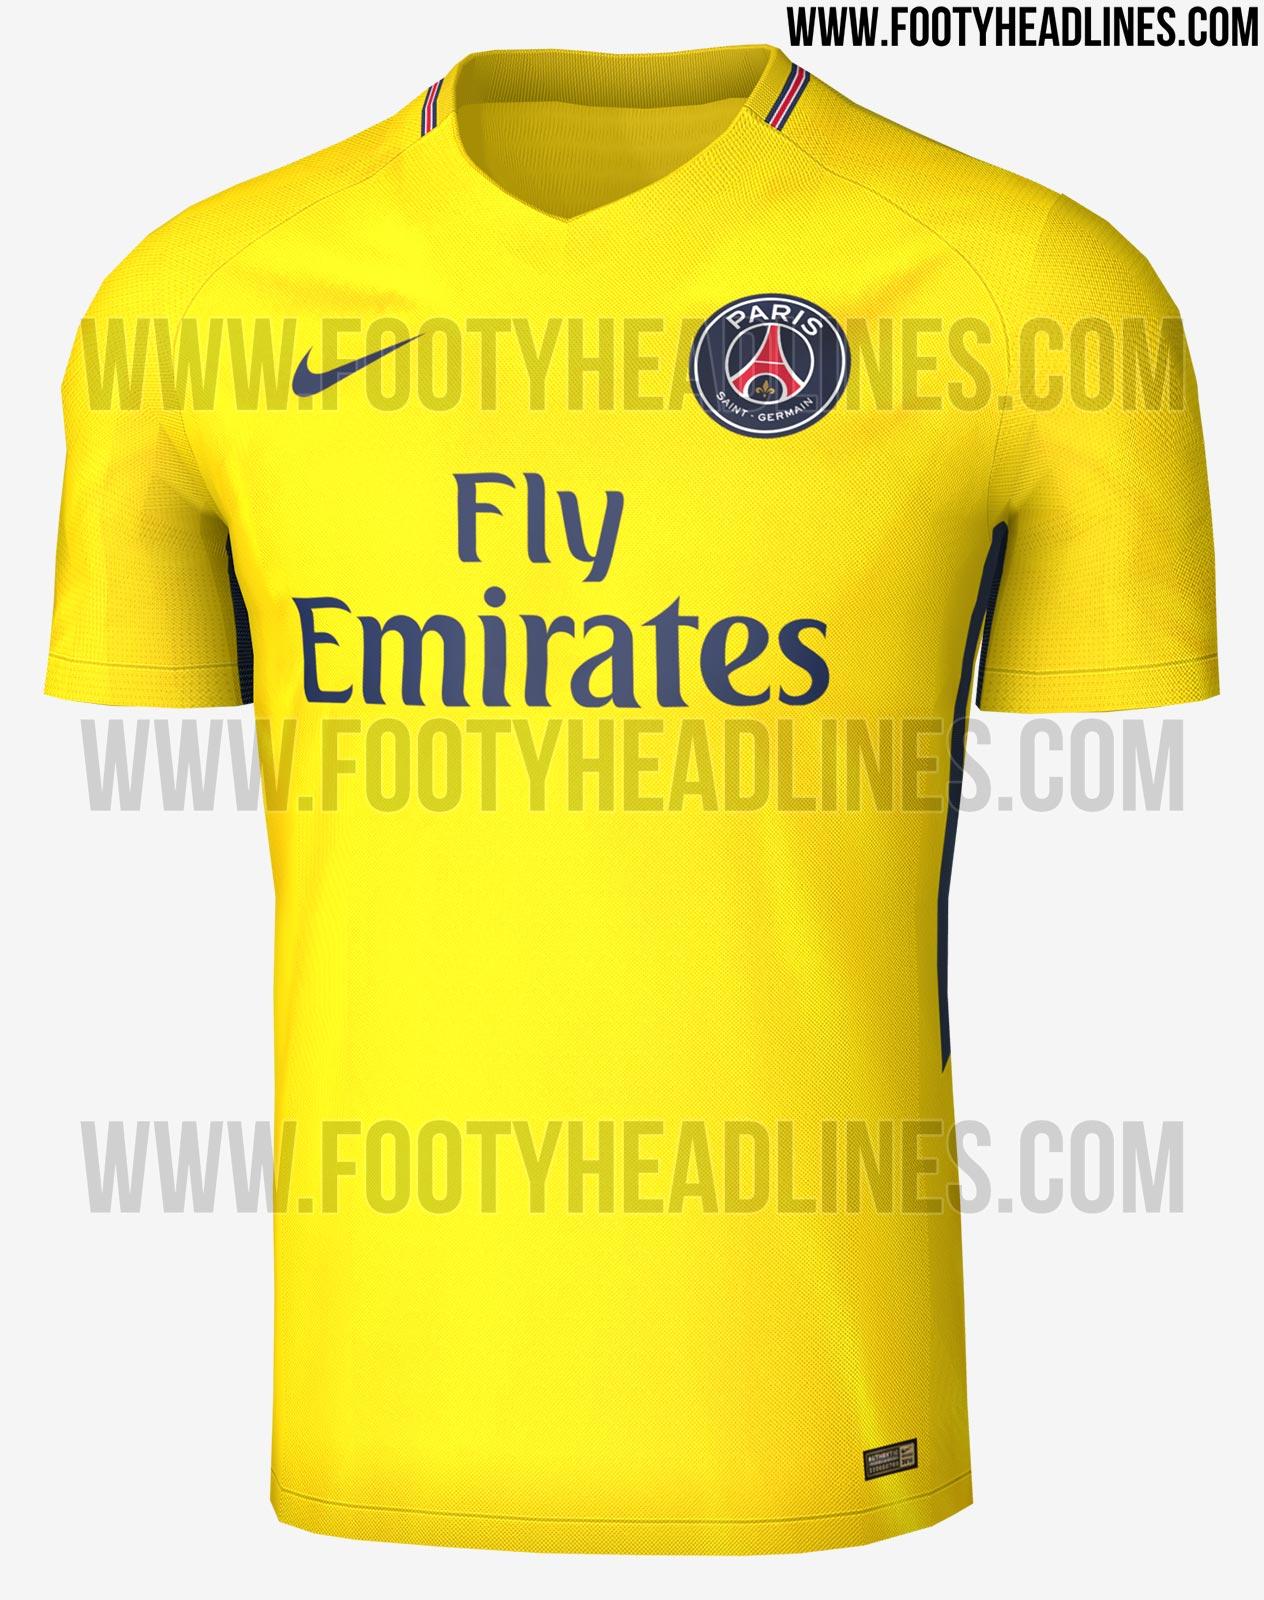 453d9e4851 O site especializado em camisas de clubes de futebol de todo o mundo Footy  Headlines mostrou nesta sexta (19) como deve ser a camisa número dois do  PSG para ...